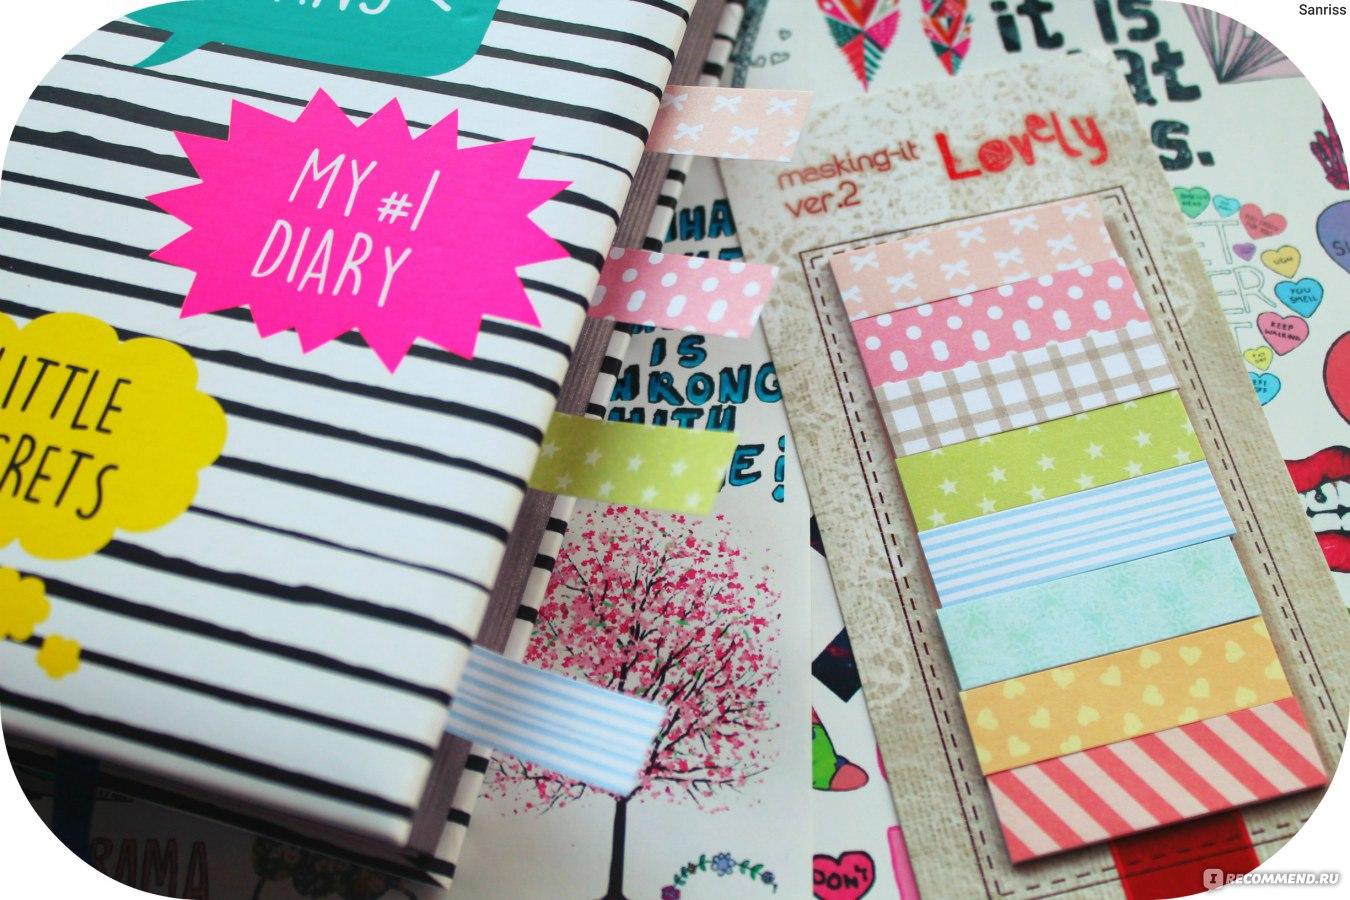 Как красиво оформить личный дневник: 25 идей оформления для девочек